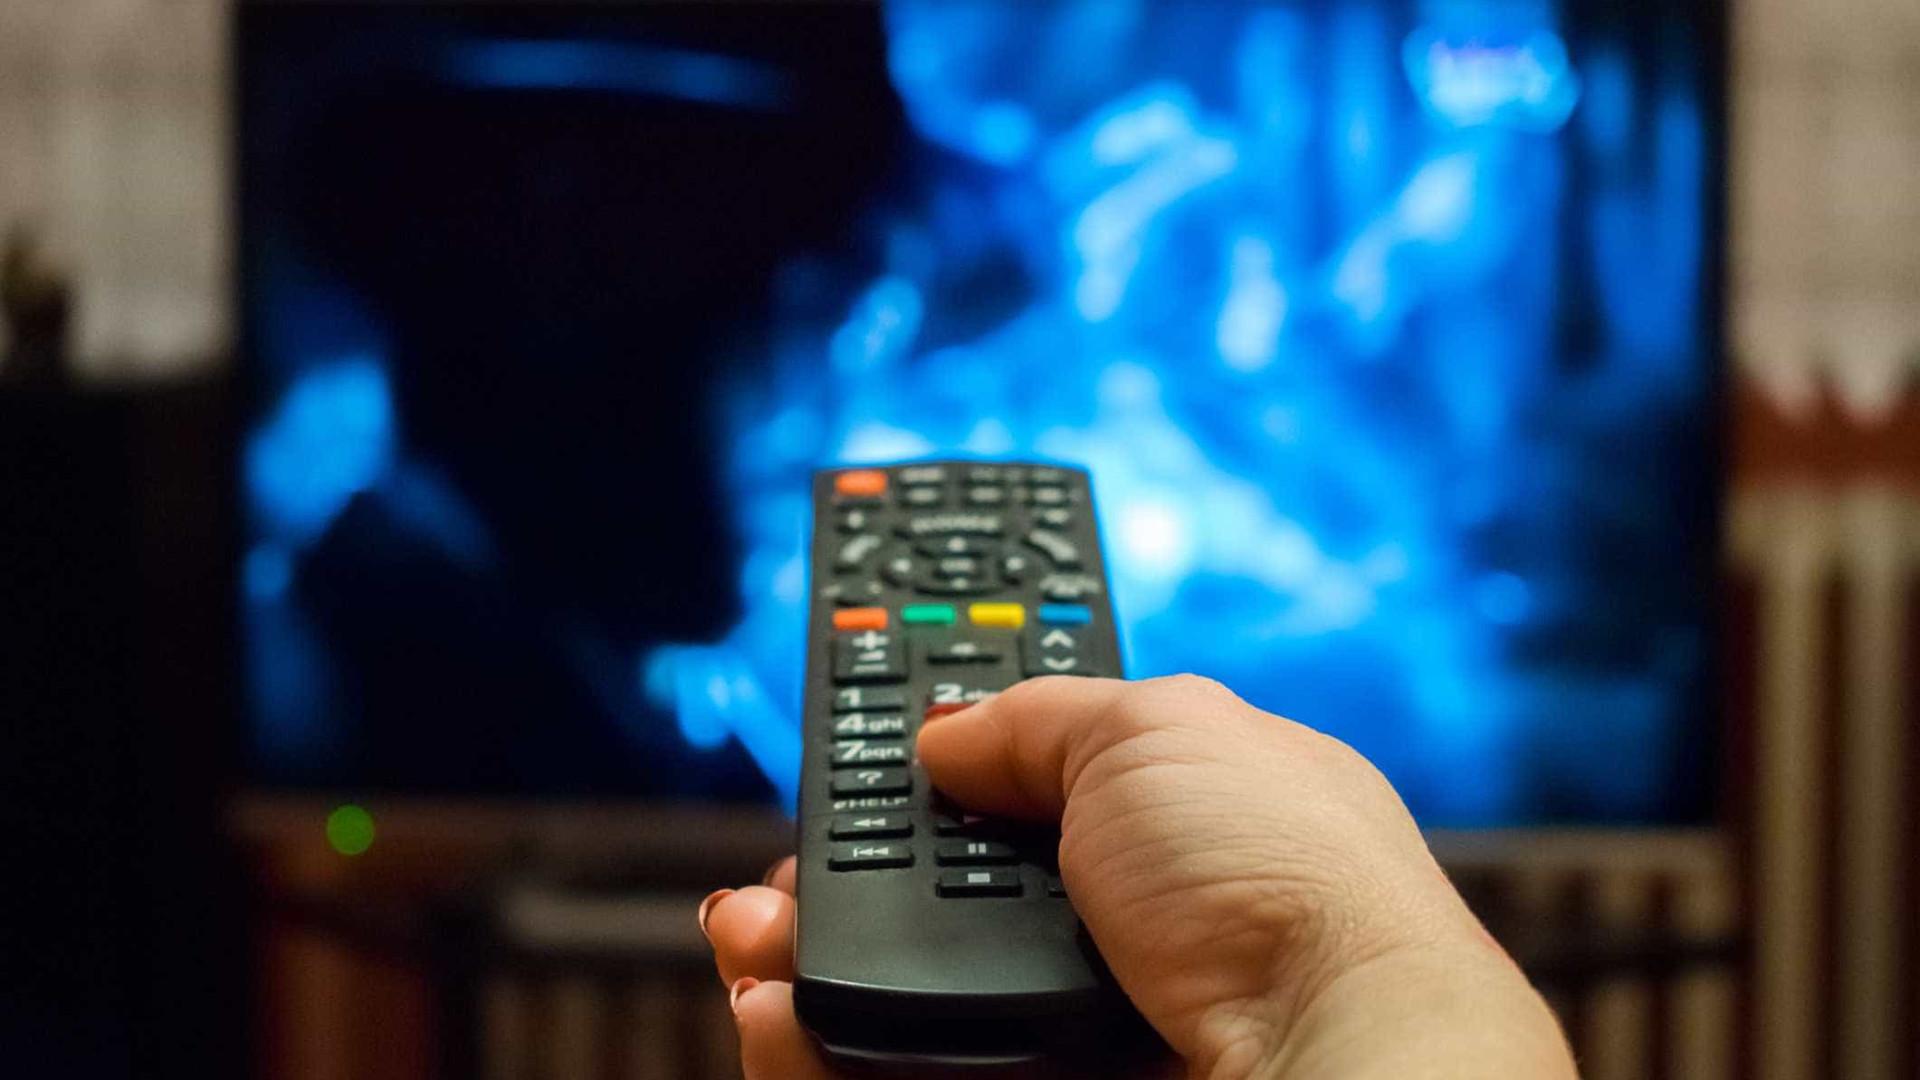 MP acusa oito pessoas de aceder de forma ilegal a canais de televisão